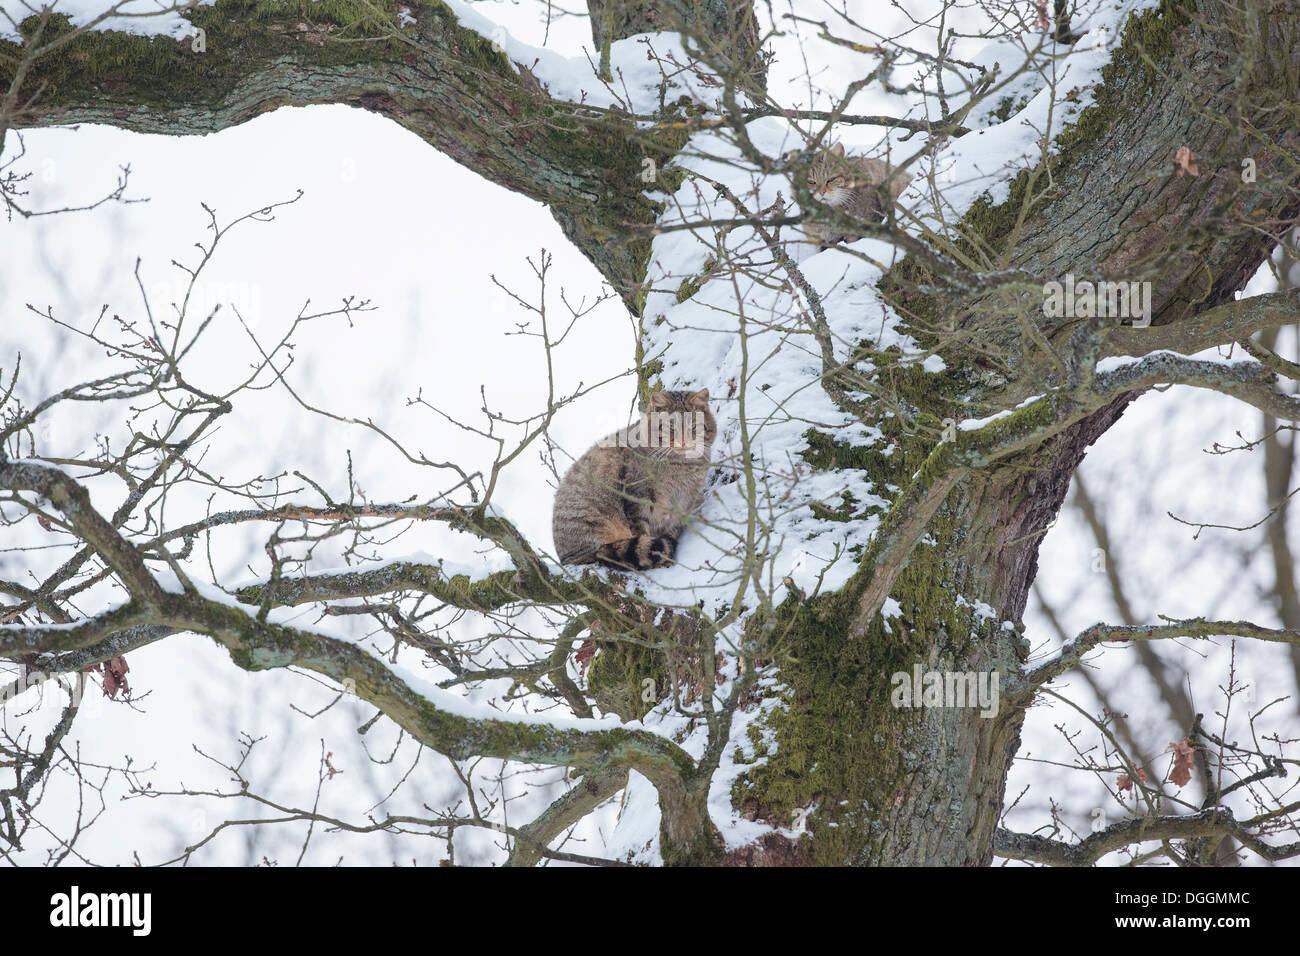 limburg-weilburg sucht single mann sprüche frau lustige  Friedhof Weilmünster-Laubuseschbach (Limburg-Weilburg) - Grabsteine. Friedhof Weilmünster-Laubuseschbach (Limburg-Weilburg) - Grabsteine.